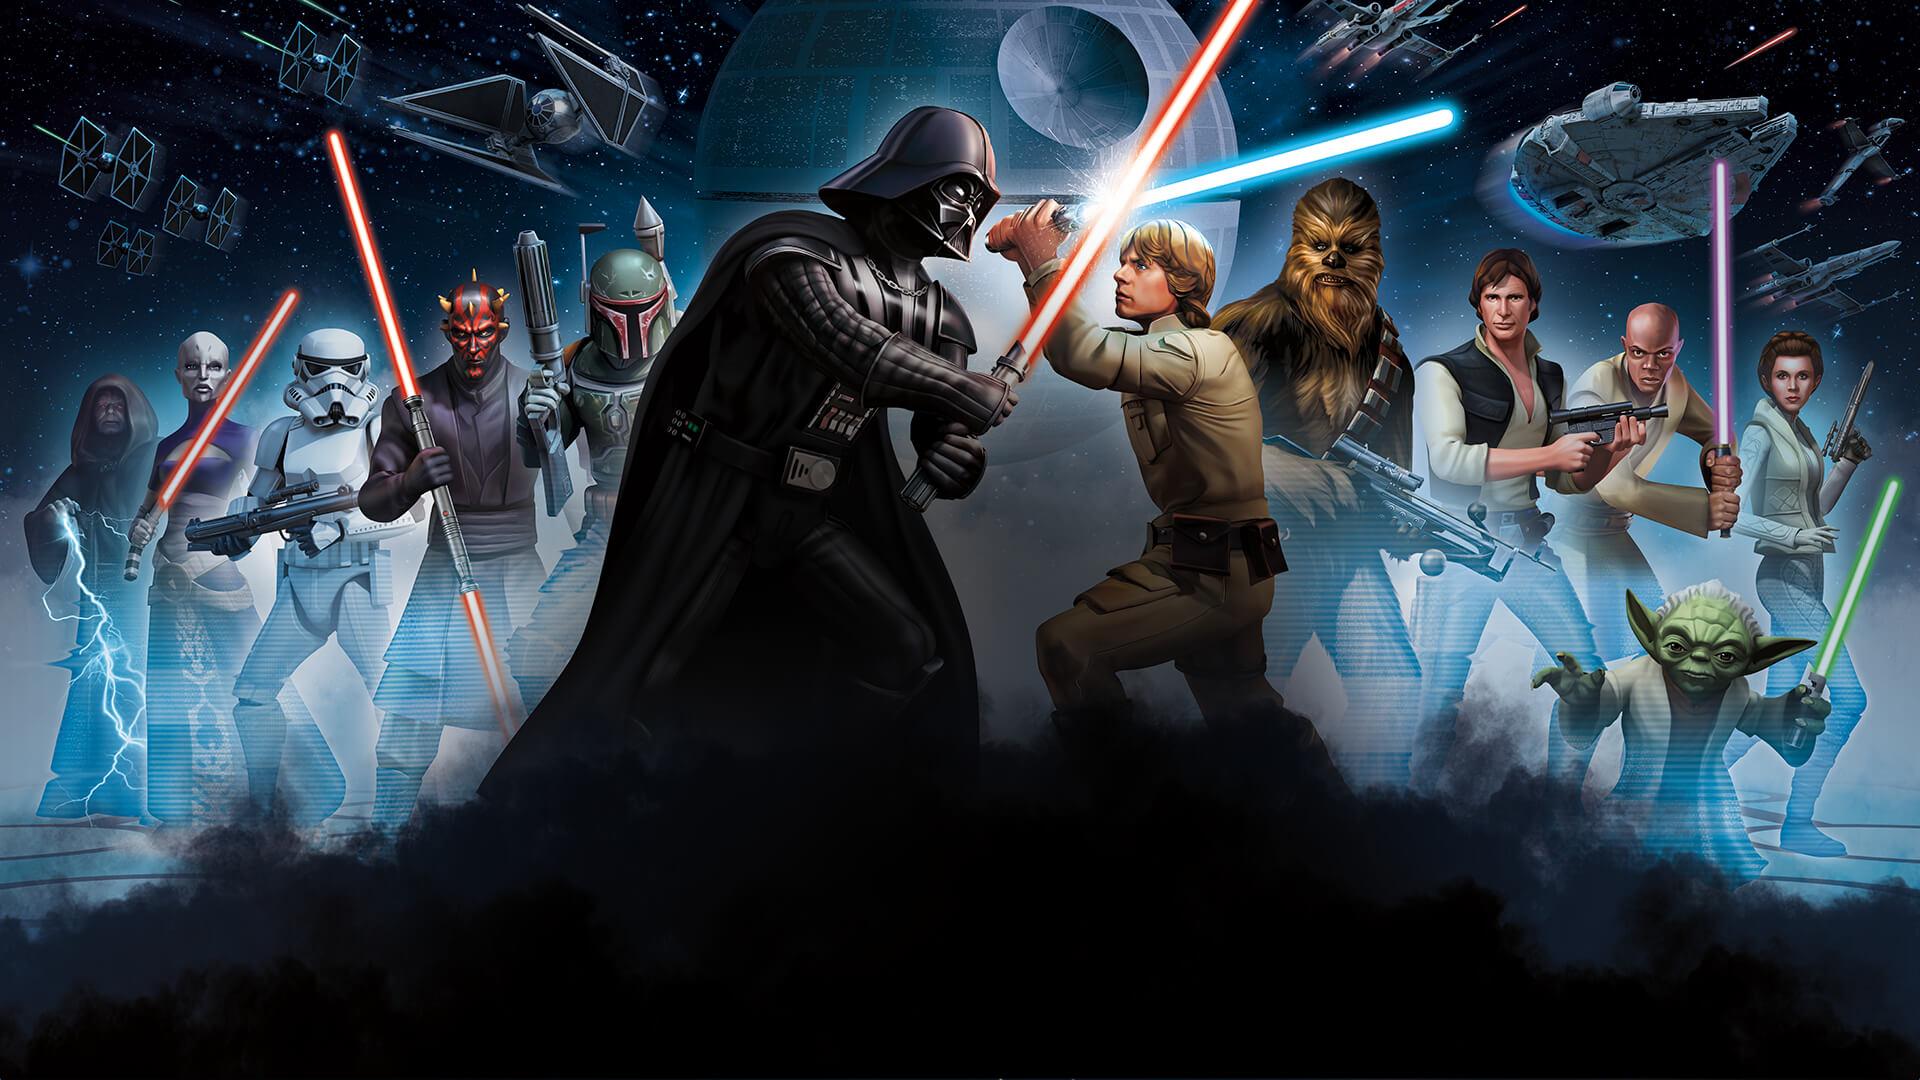 7 фактов о «Звездных войнах», которые вас удивят